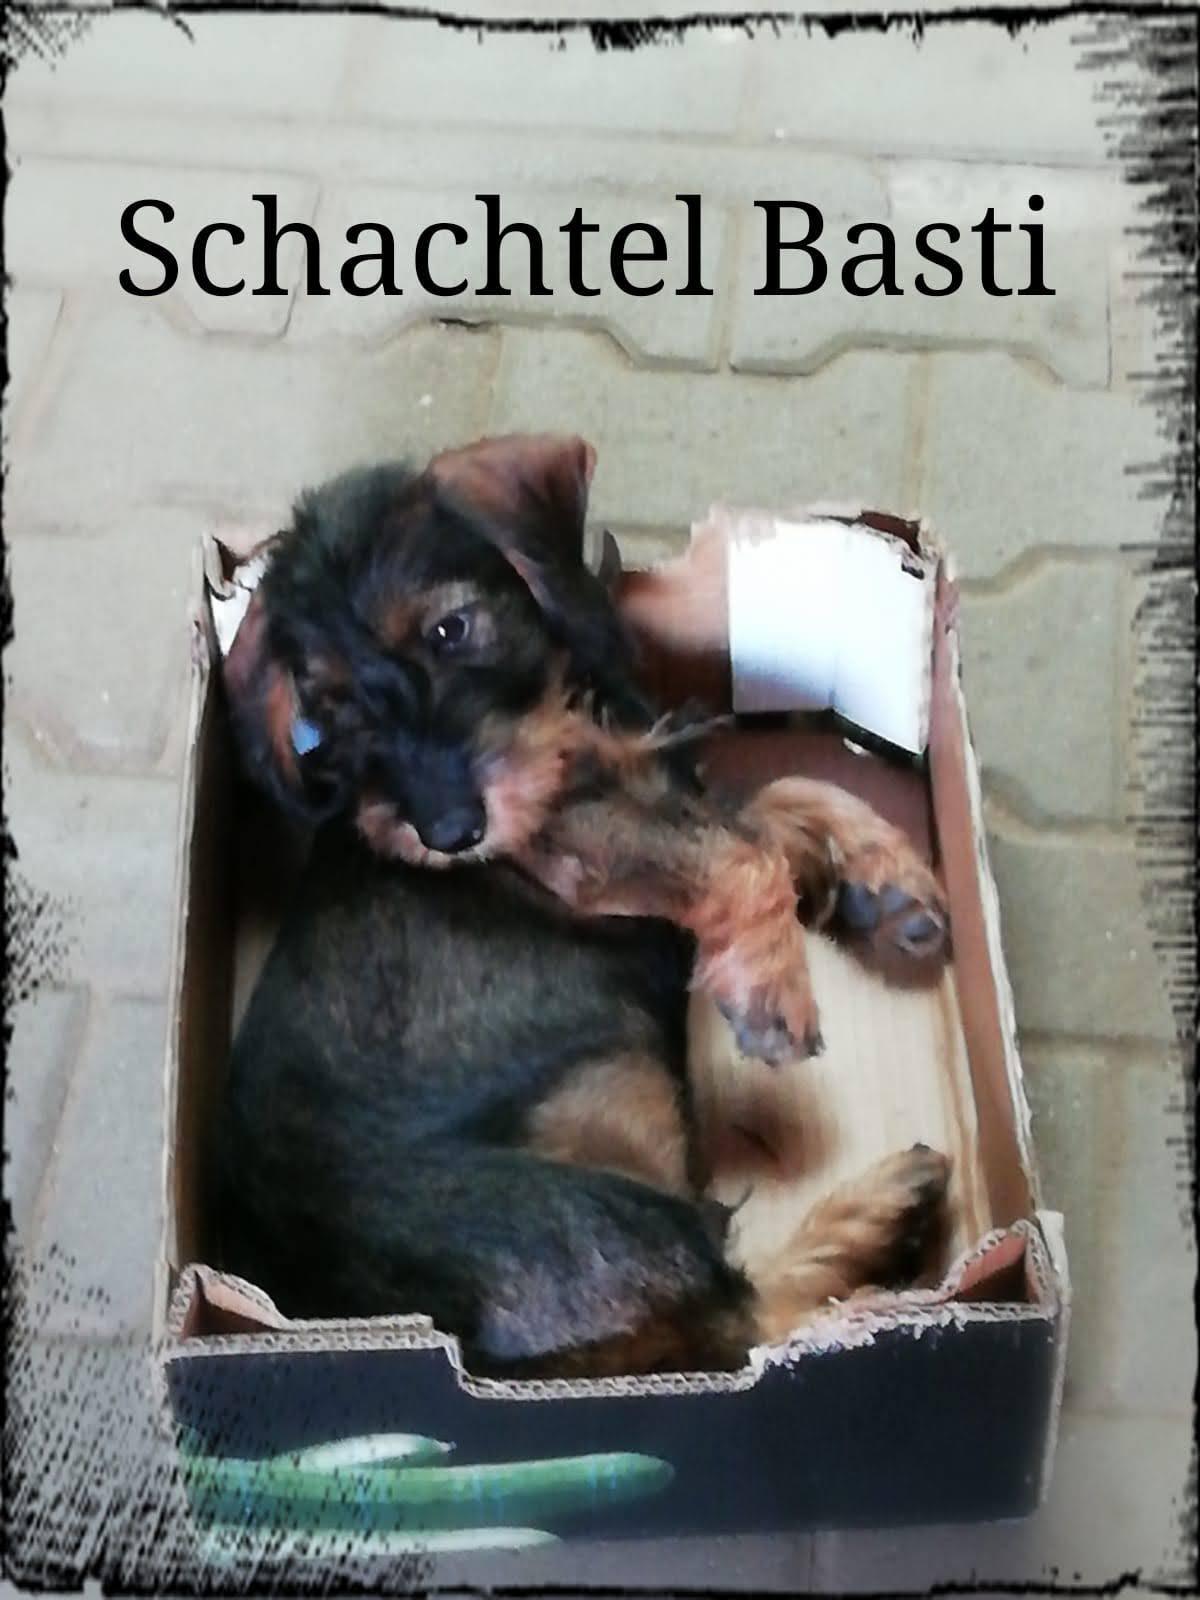 Da Basti passt sogar in eine Schachtel -- unser Schachlbasti